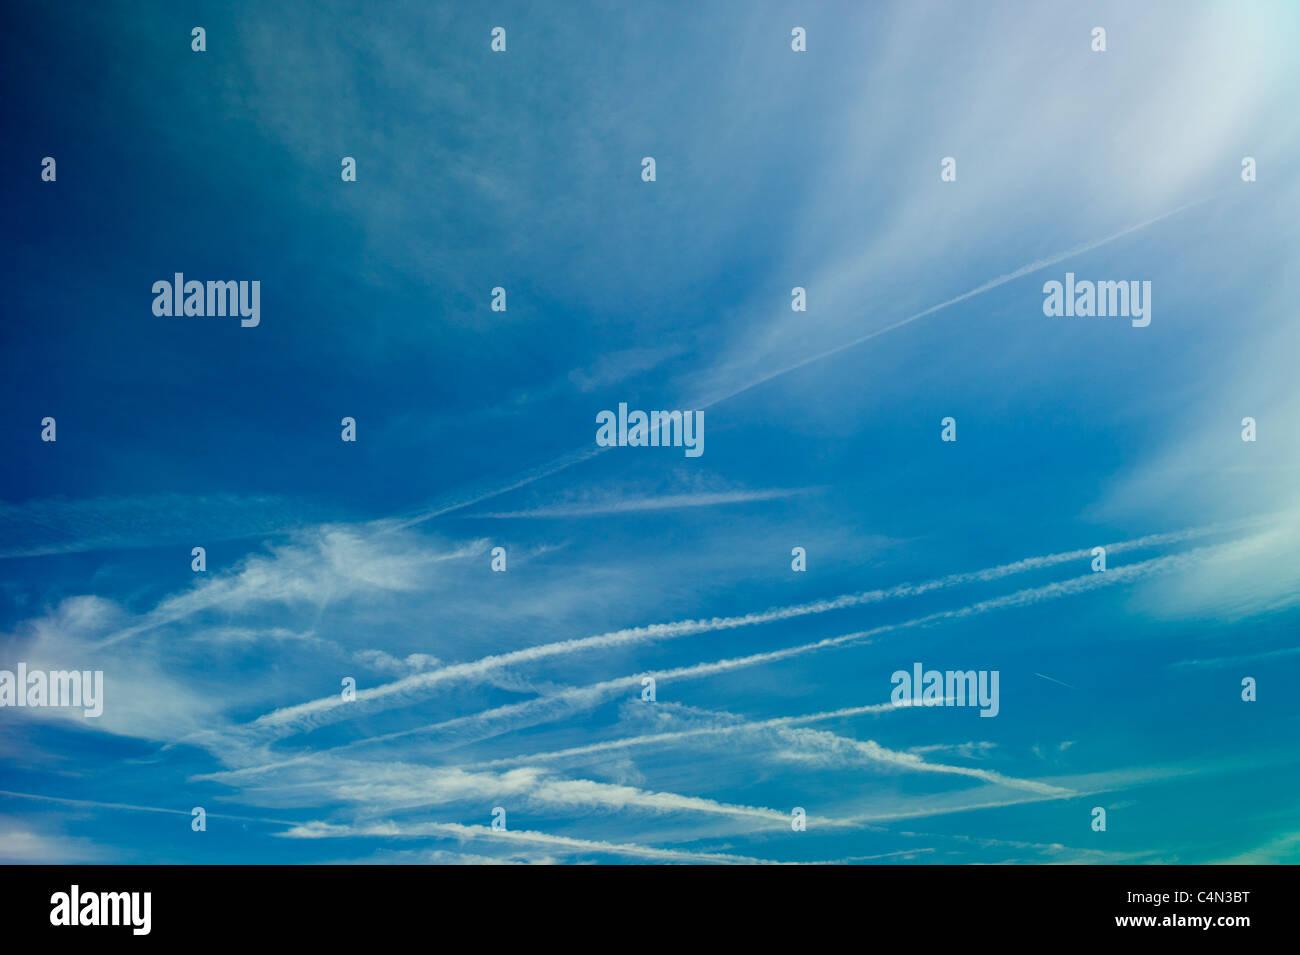 Cirruswolken am blauen Himmel, Bordeaux Region von Frankreich Stockbild